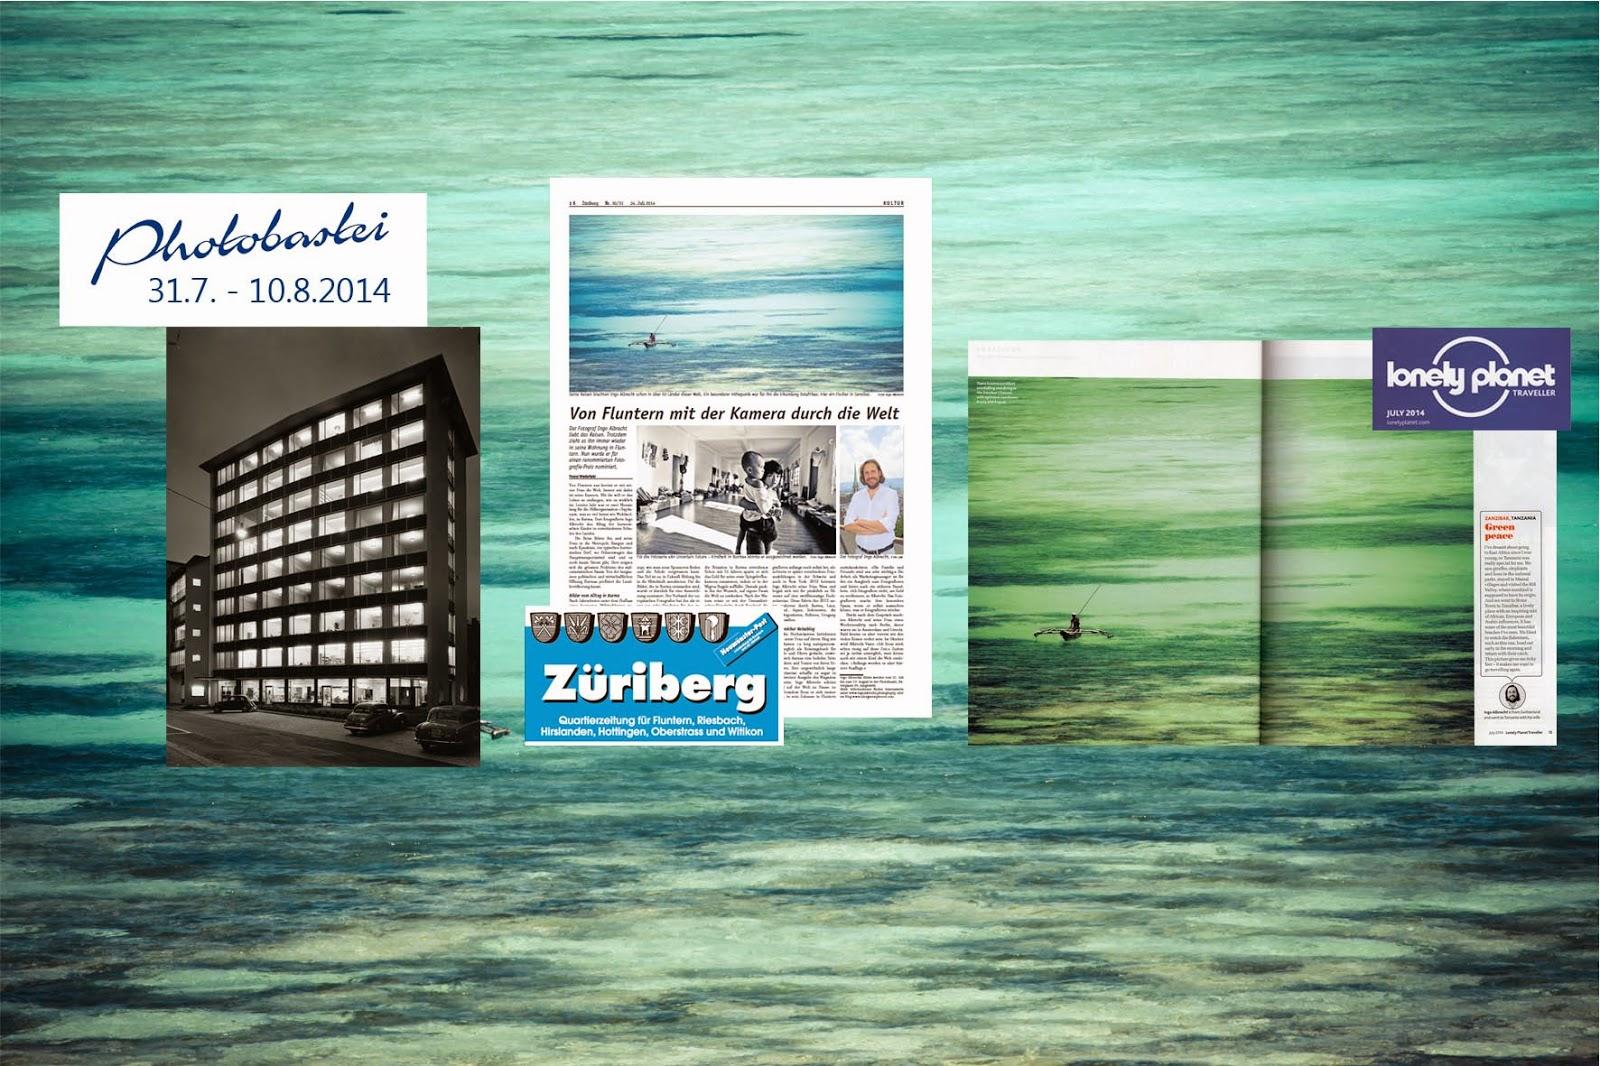 http://ingoalbrecht.photography